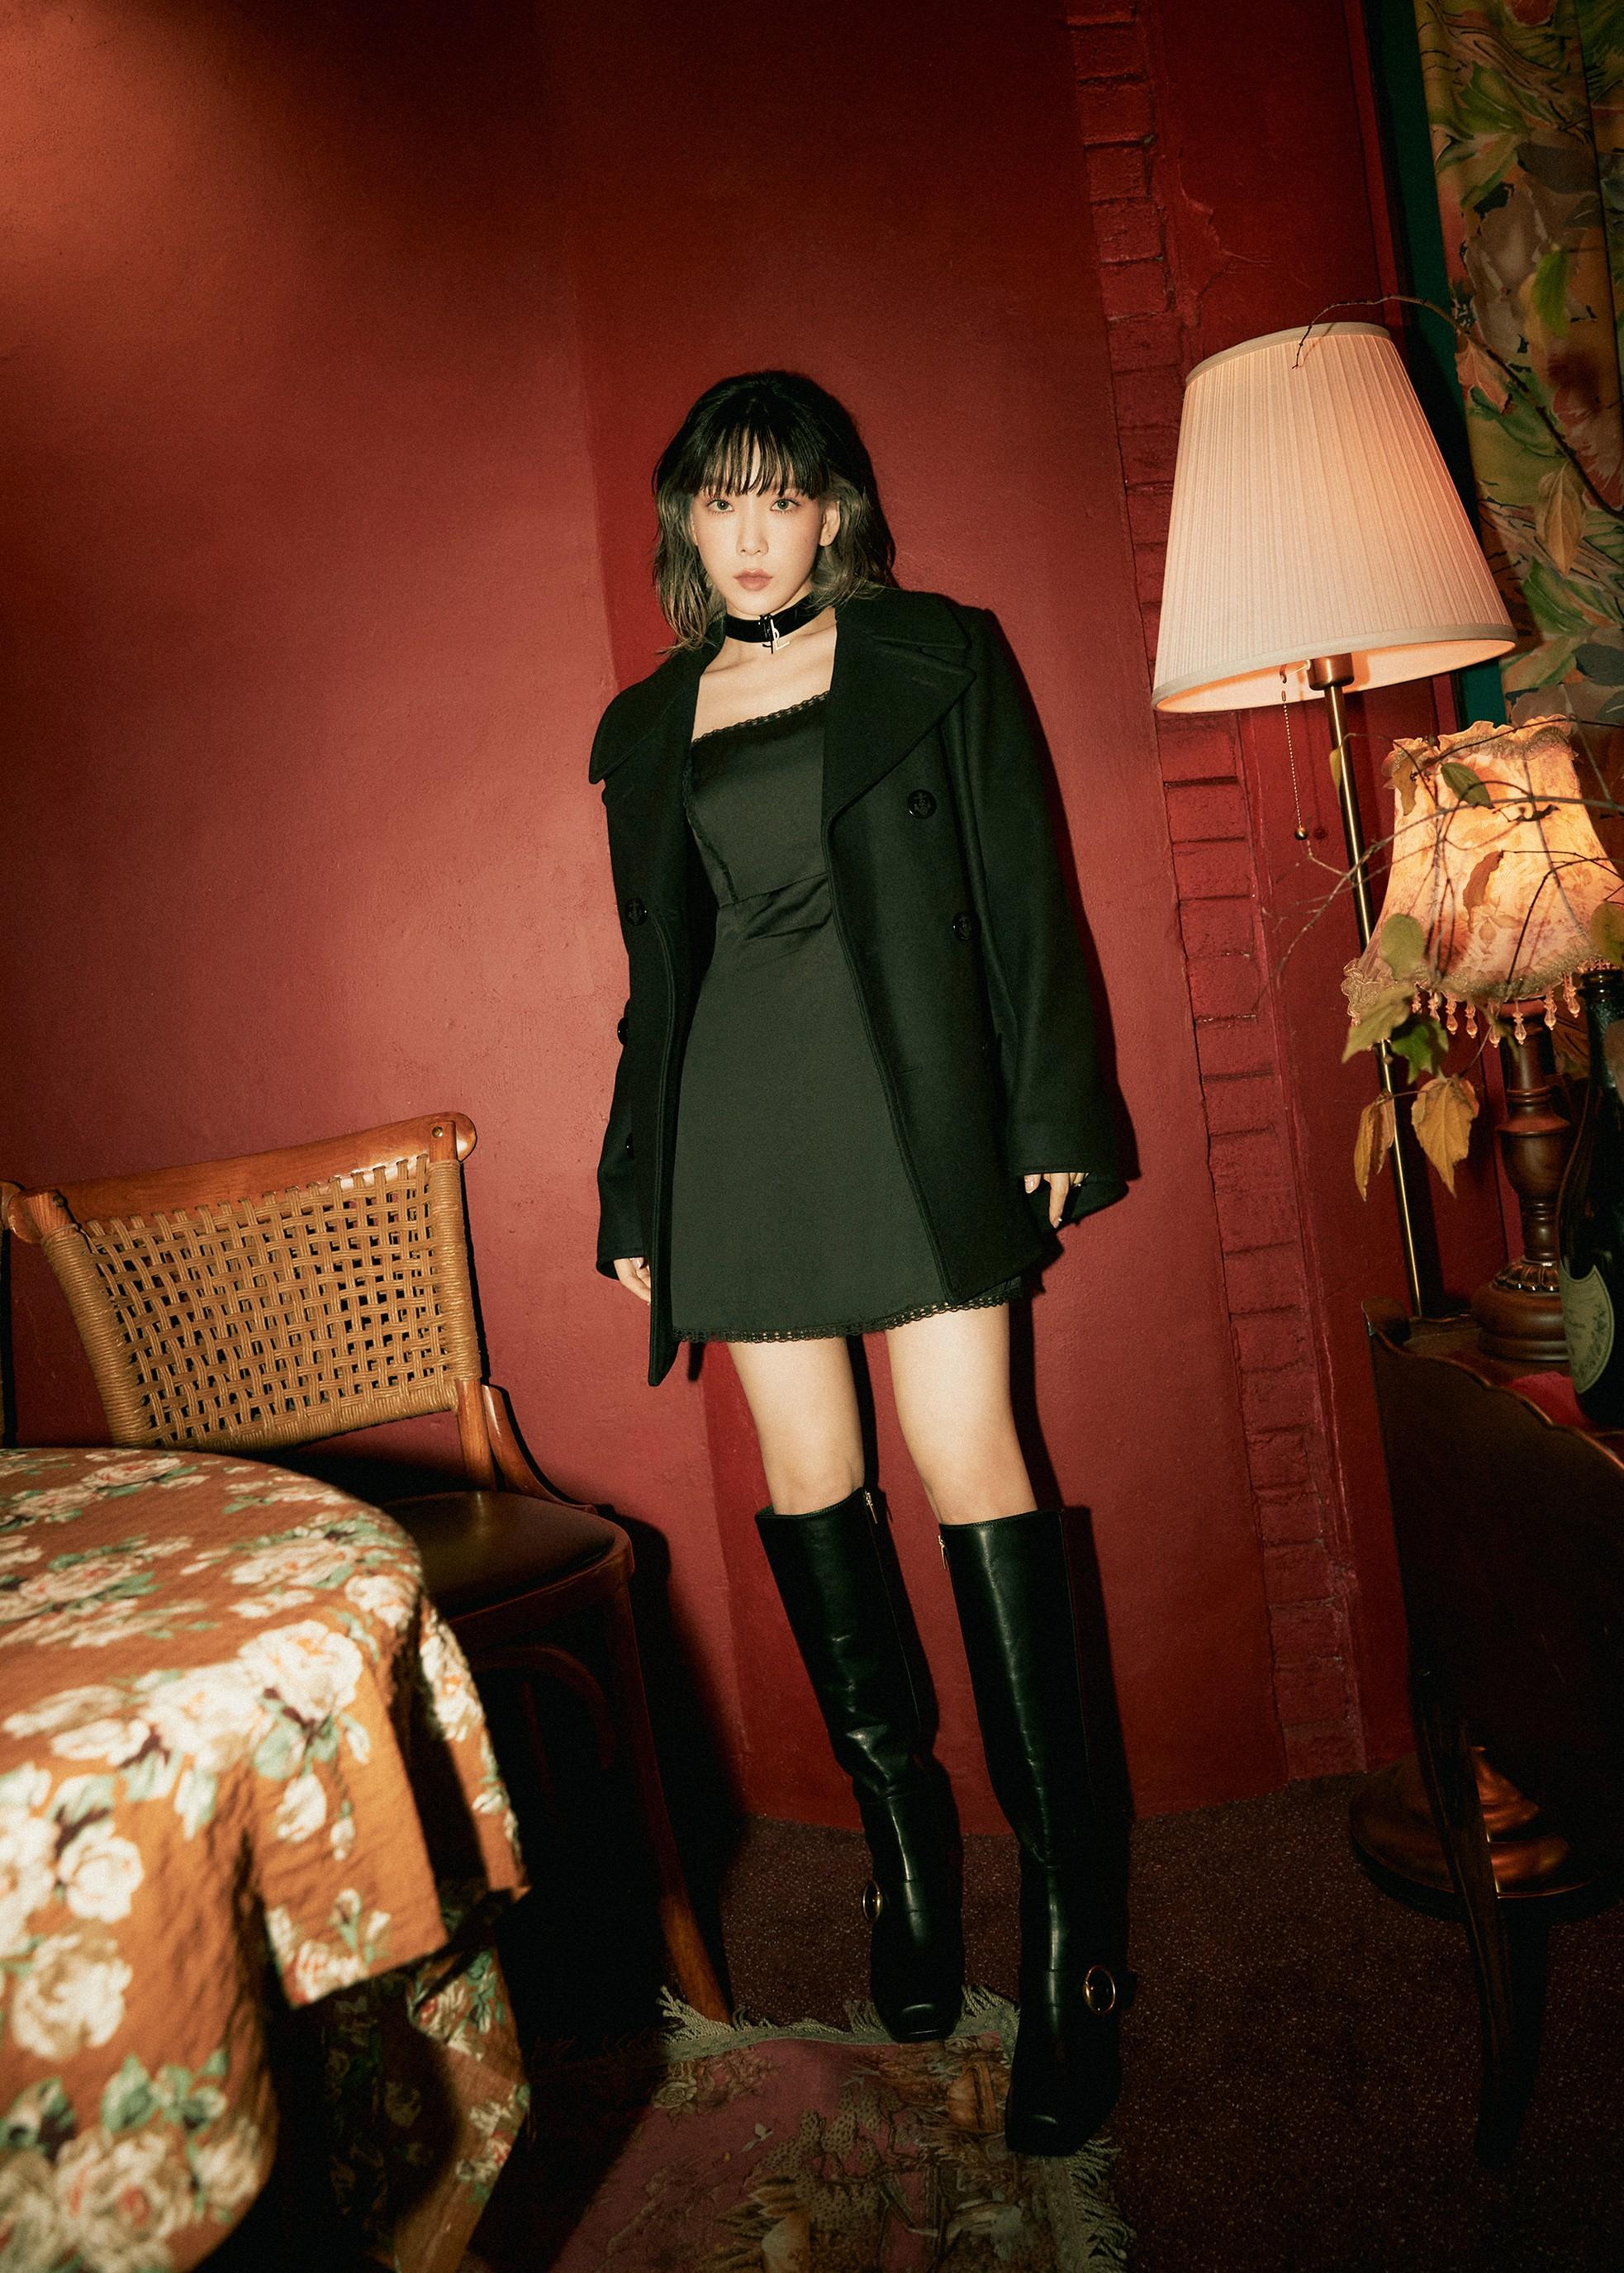 Phỏng vấn độc quyền TAEYEON: Bí quyết chữa lành tâm hồn và cơ hội của thế hệ idol mới ảnh 3